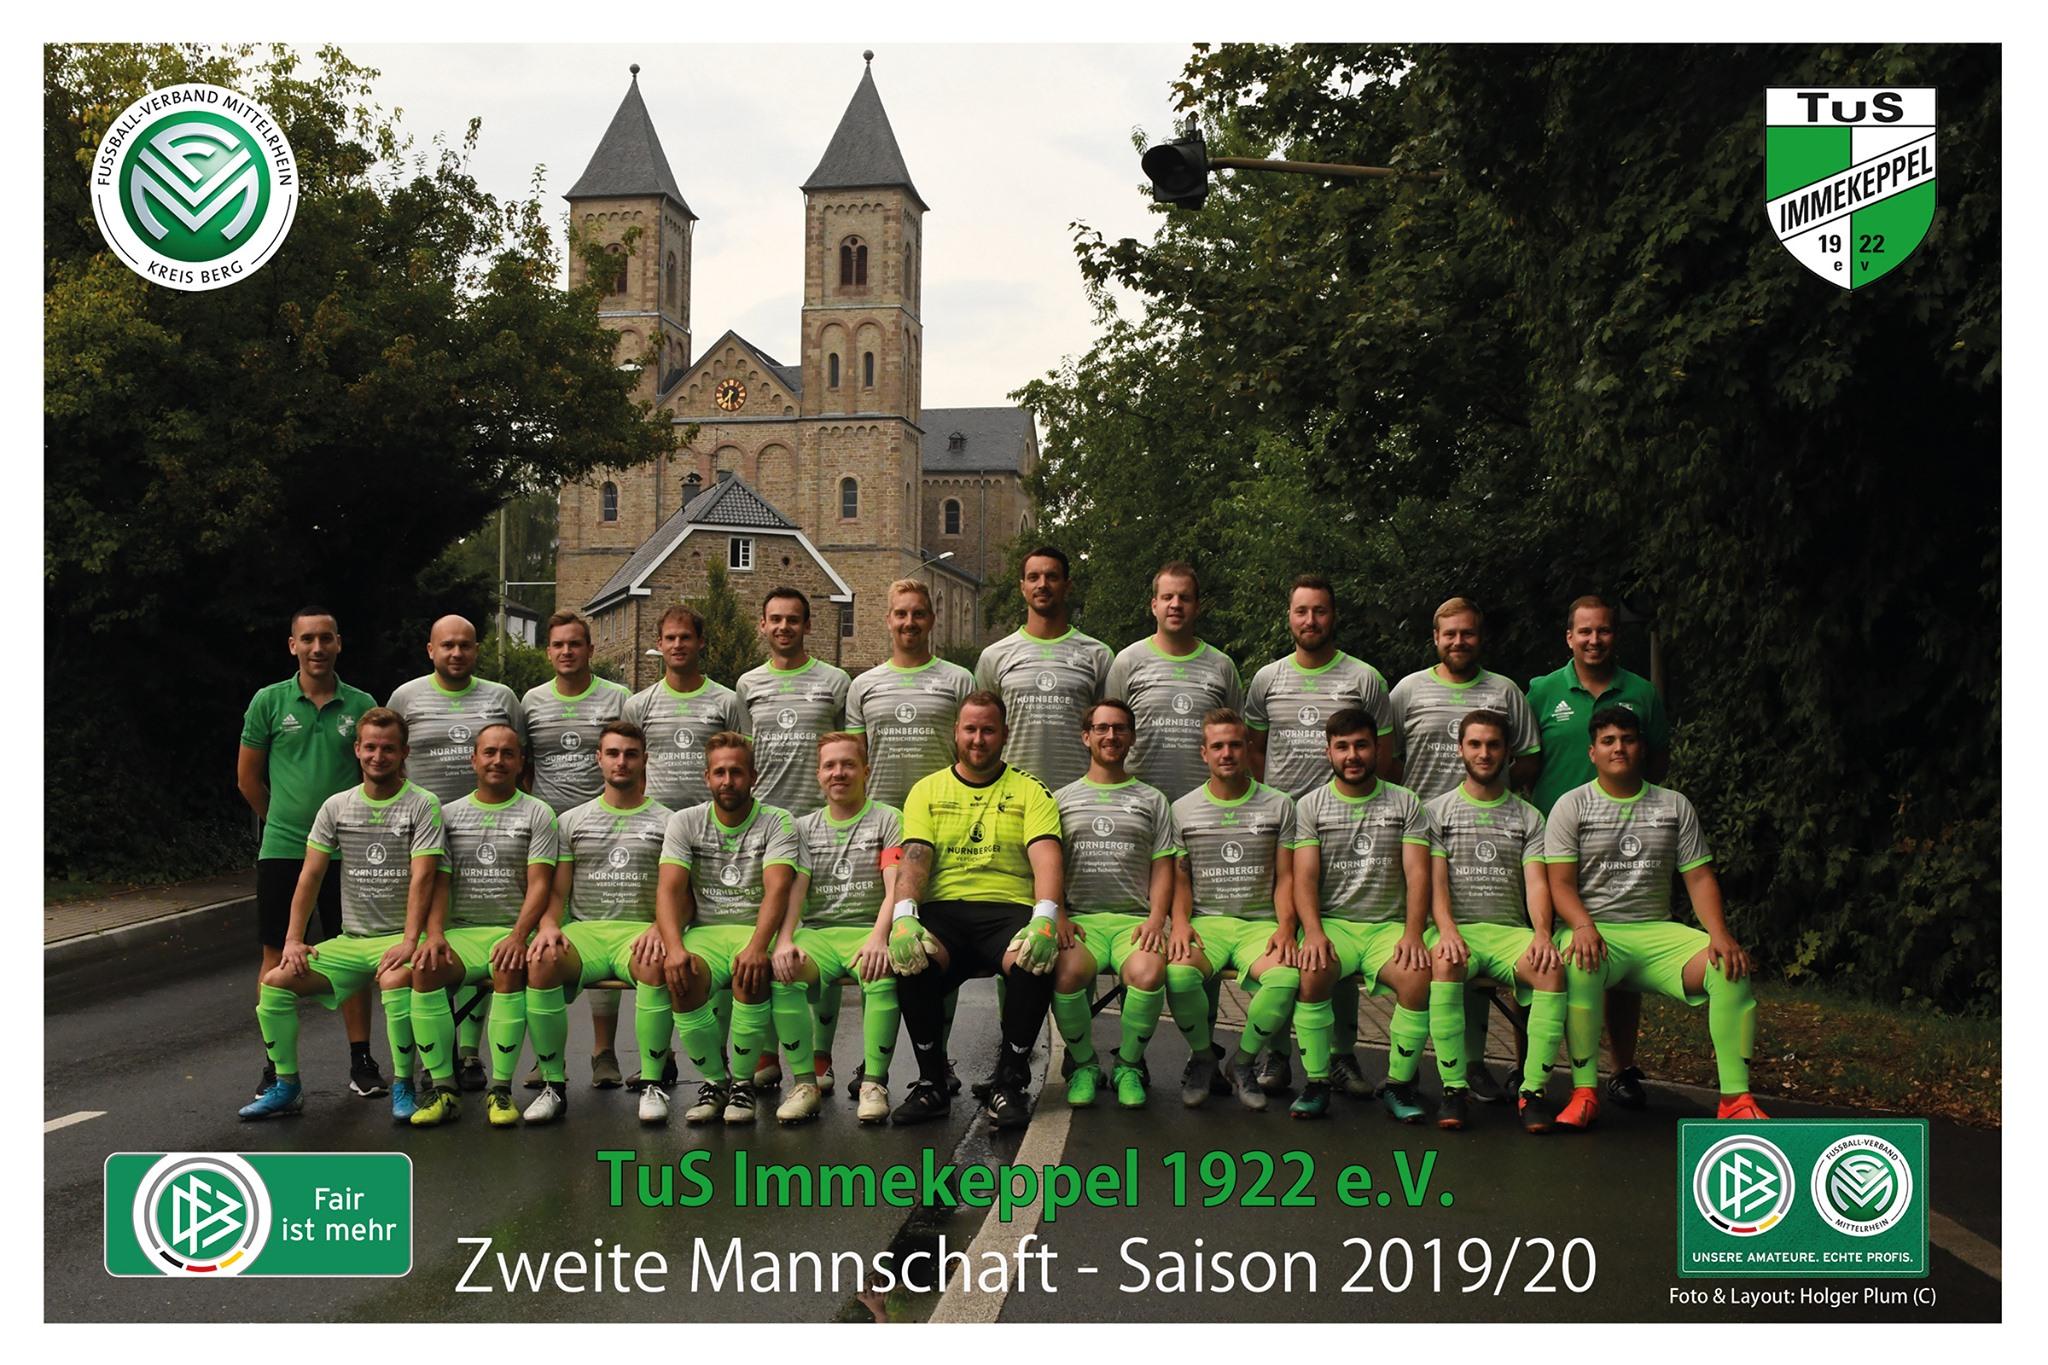 Zweite Mannschaft Saison 2019/20